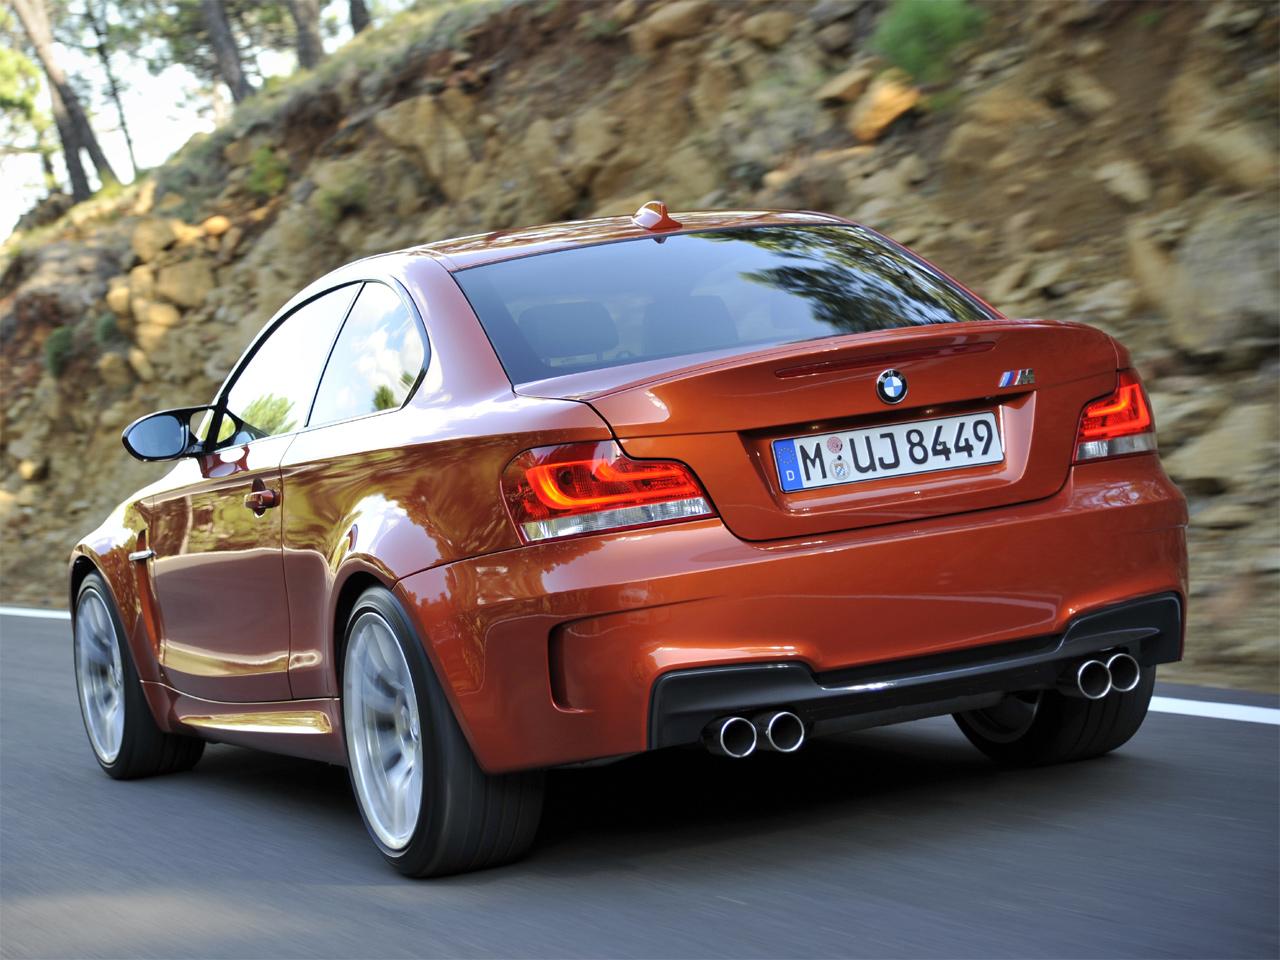 Best 5 Classic Cars In 2014